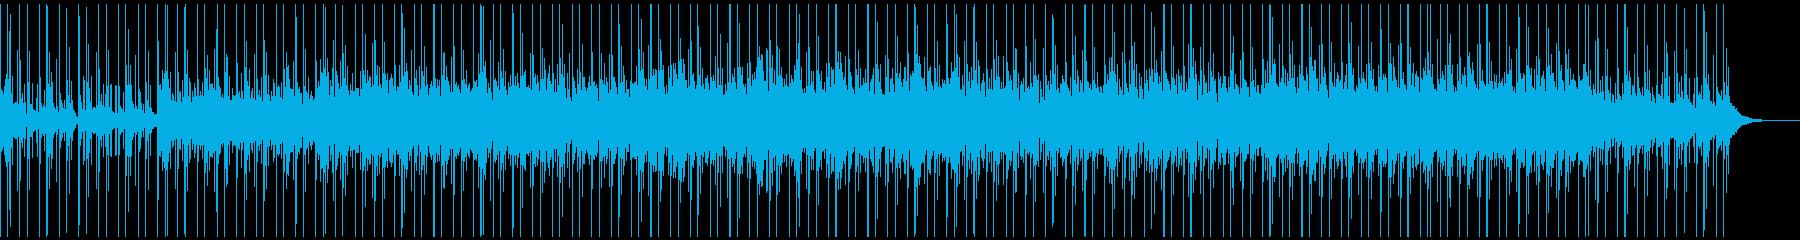 爽やかなリラックス系BGMの再生済みの波形